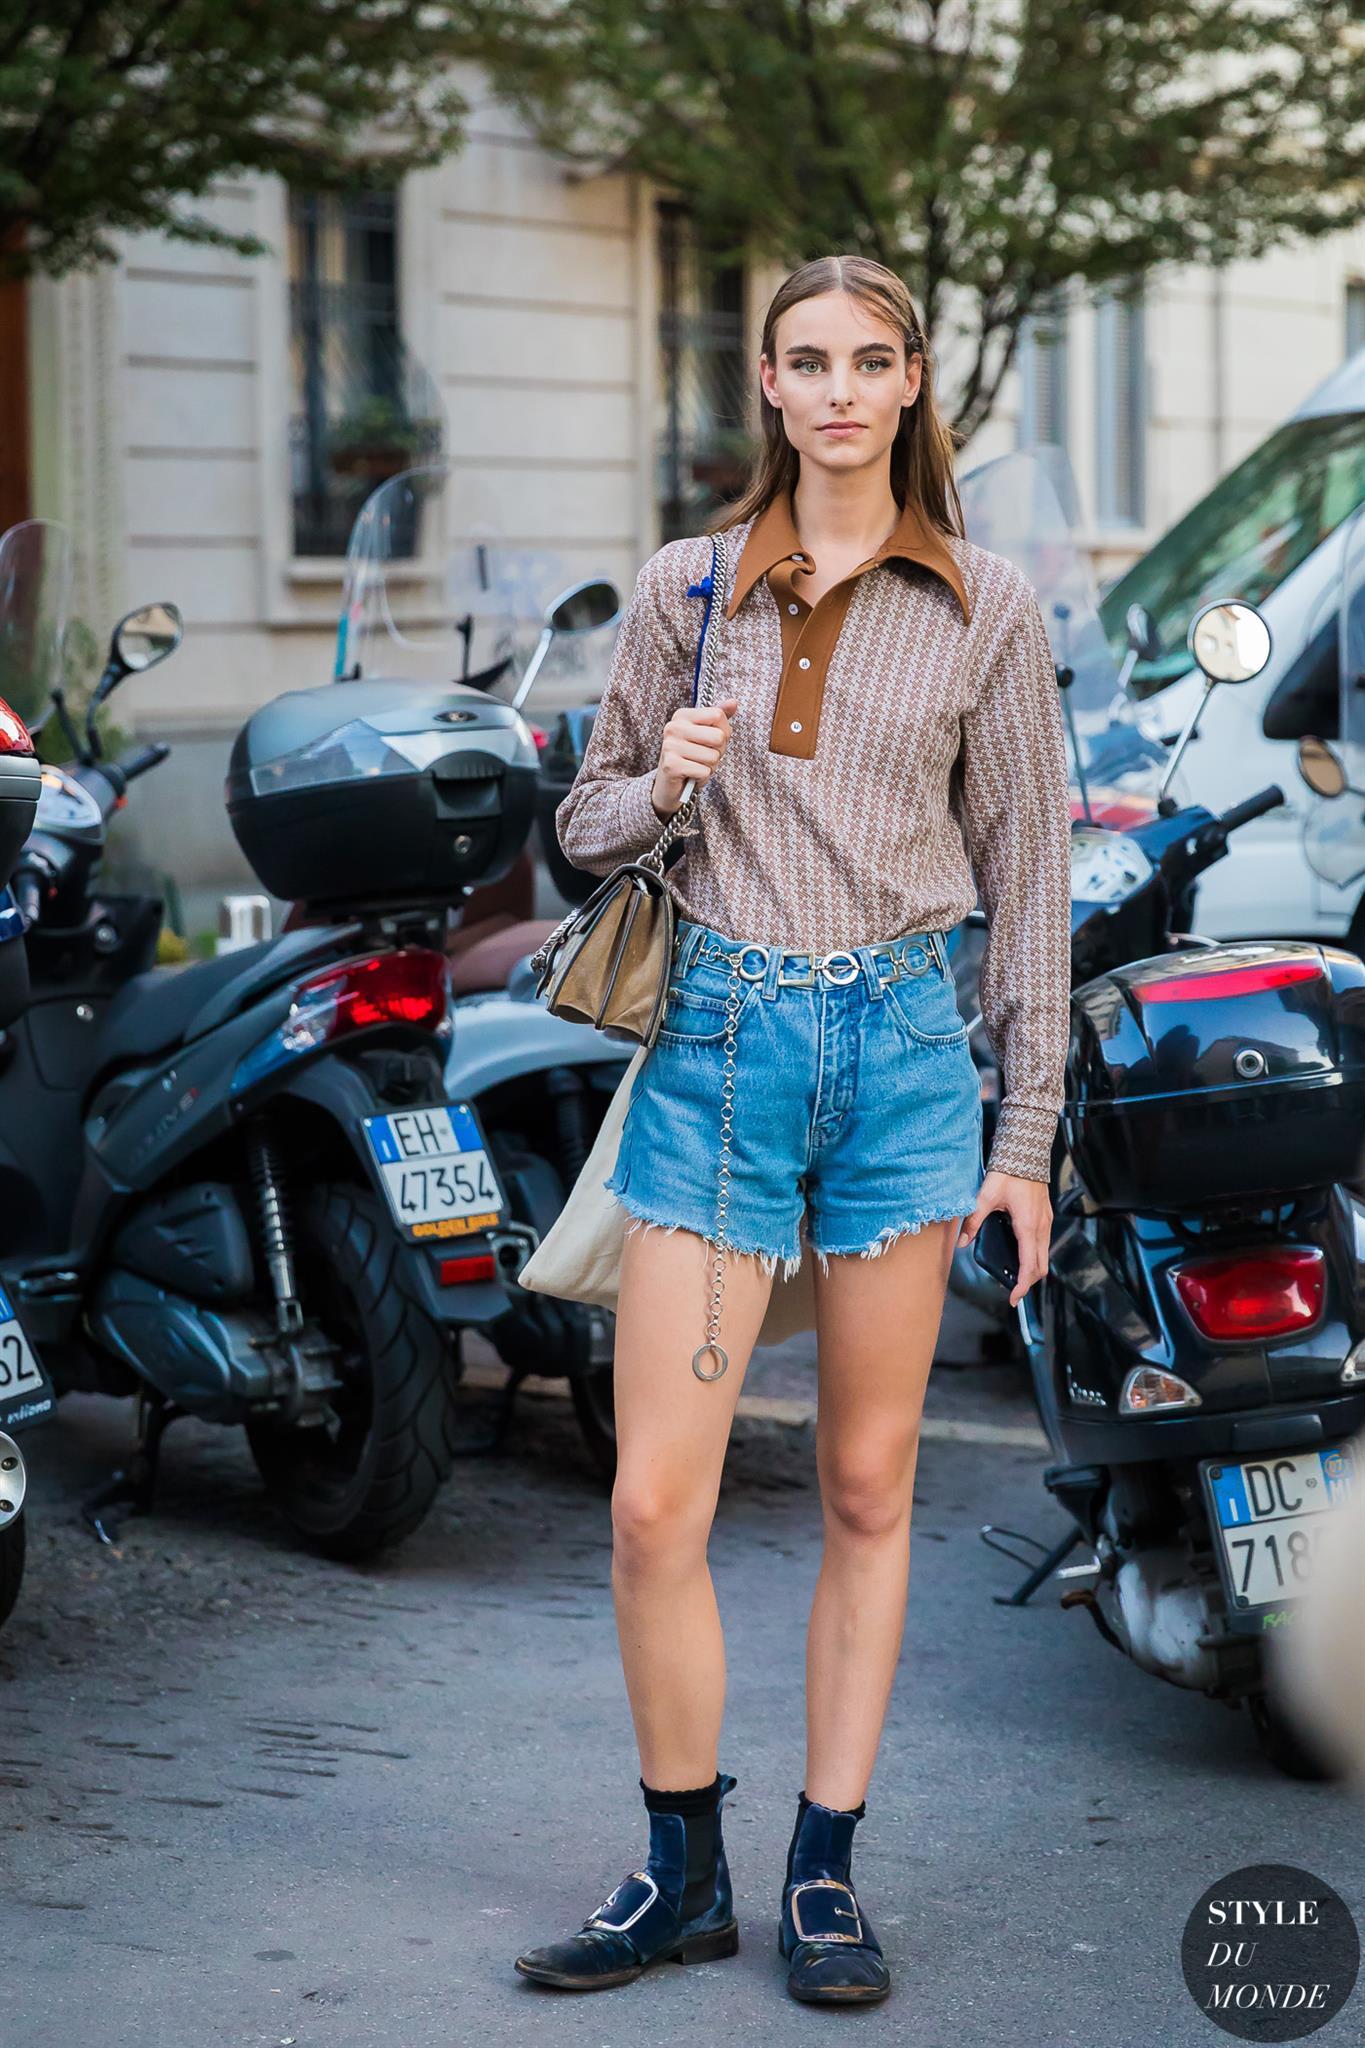 Milan Ss 2018 Street Style Model Off Duty